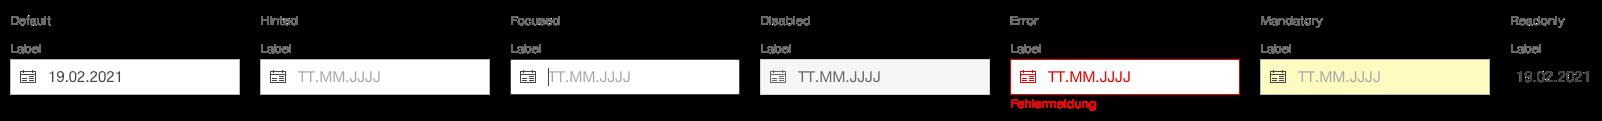 Darstellung der Komponente Datumsauswahl in der Standard Ausprägung